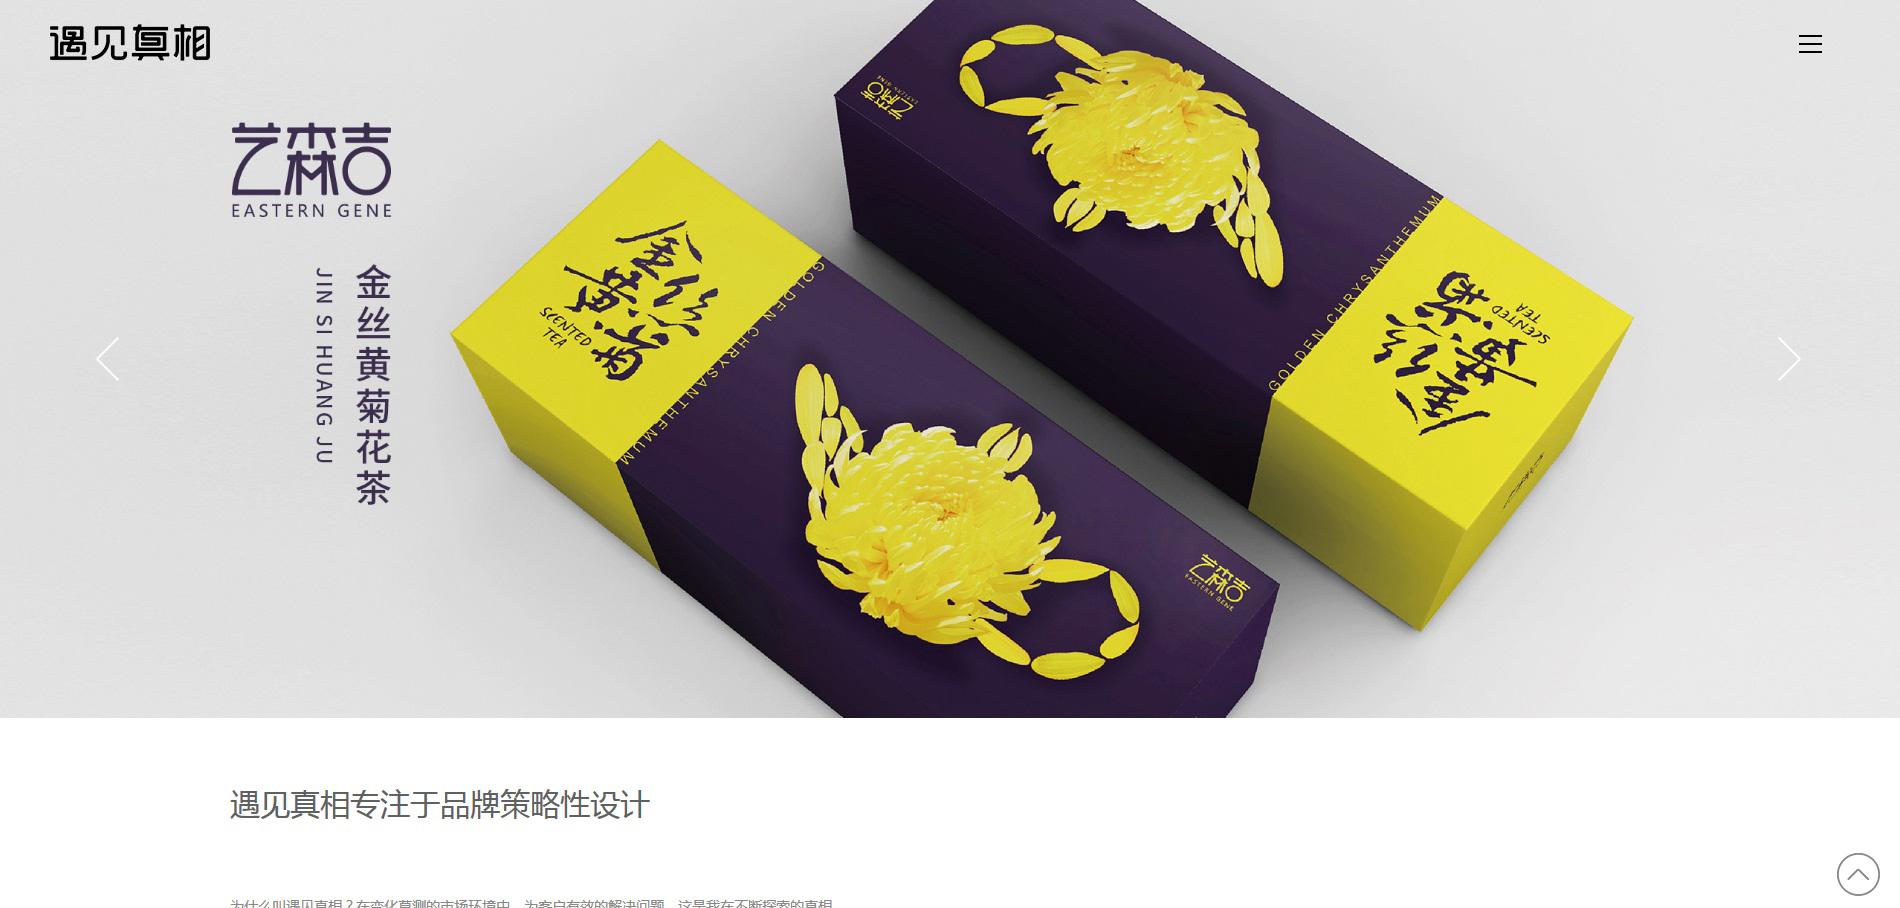 祝贺西安遇见真相品牌设计有限公司上线!